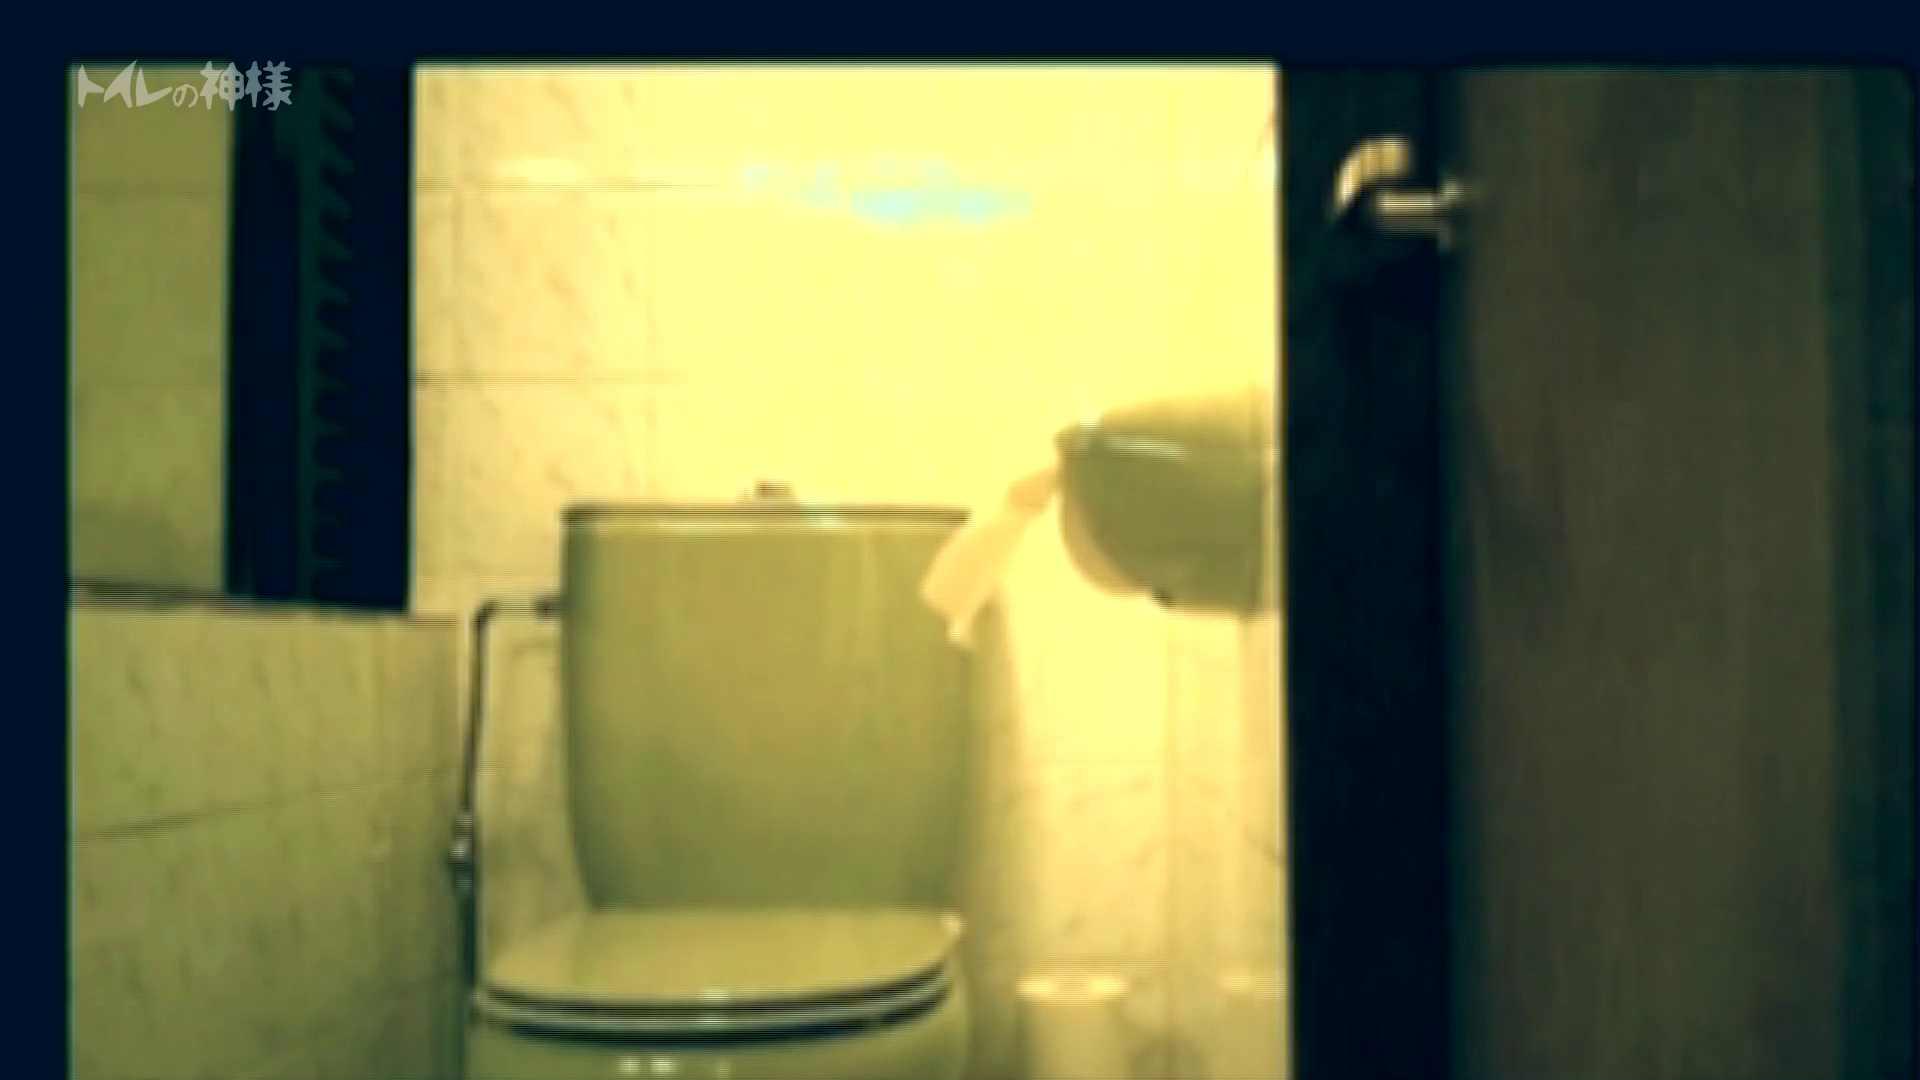 トイレの神様 Vol.01 花の女子大生うんこ盗撮1 トイレ盗撮 エロ画像 59pic 23